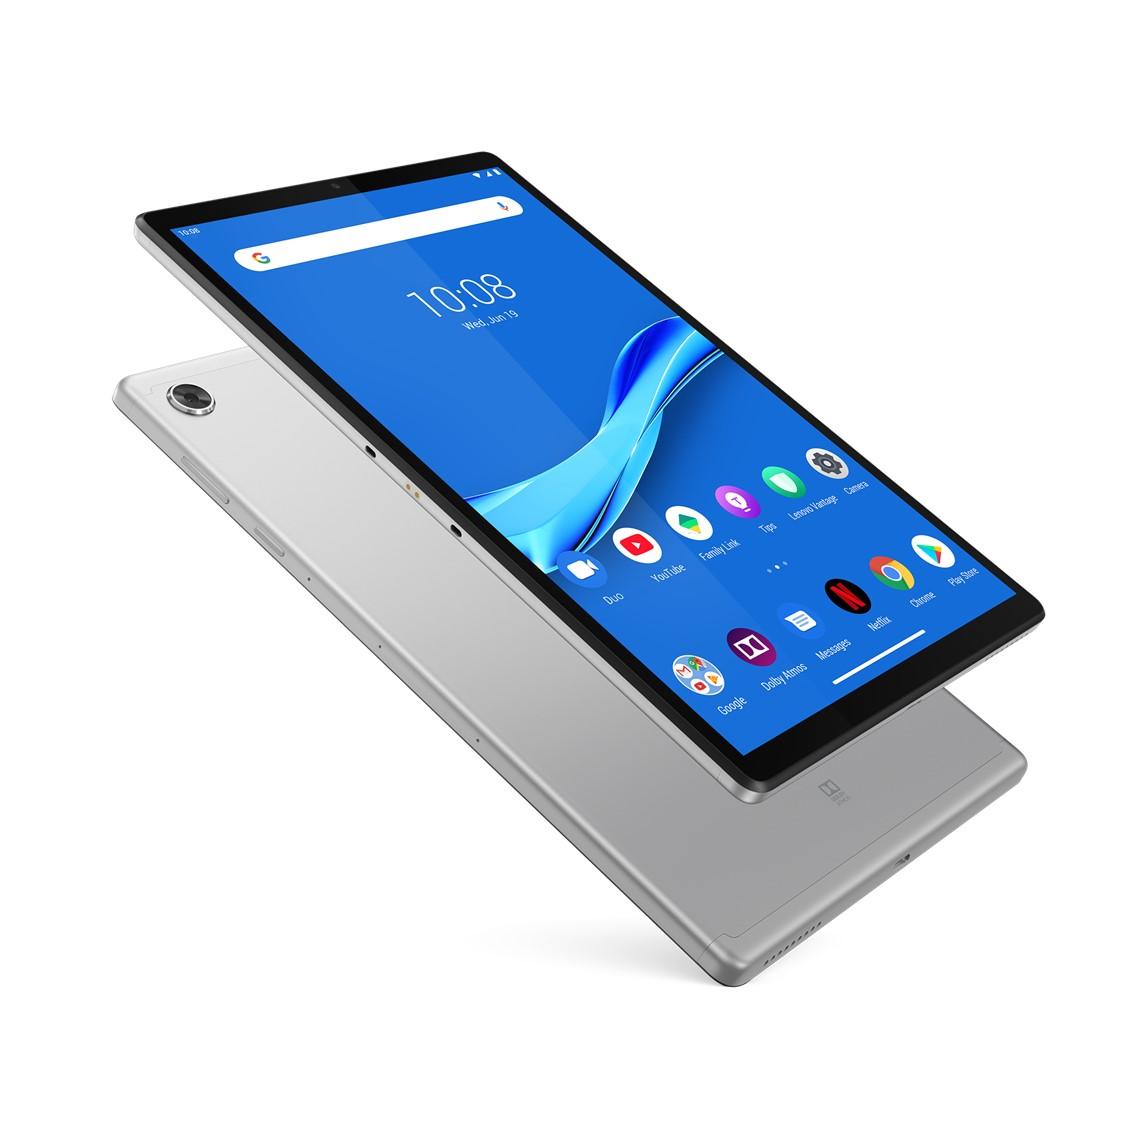 Tablet lenovo tab m10 fhd plus 2nd gen mdiatek helio p22t 10.3pulgadas 4gb - emmc64gb - wifi - bt - android 9